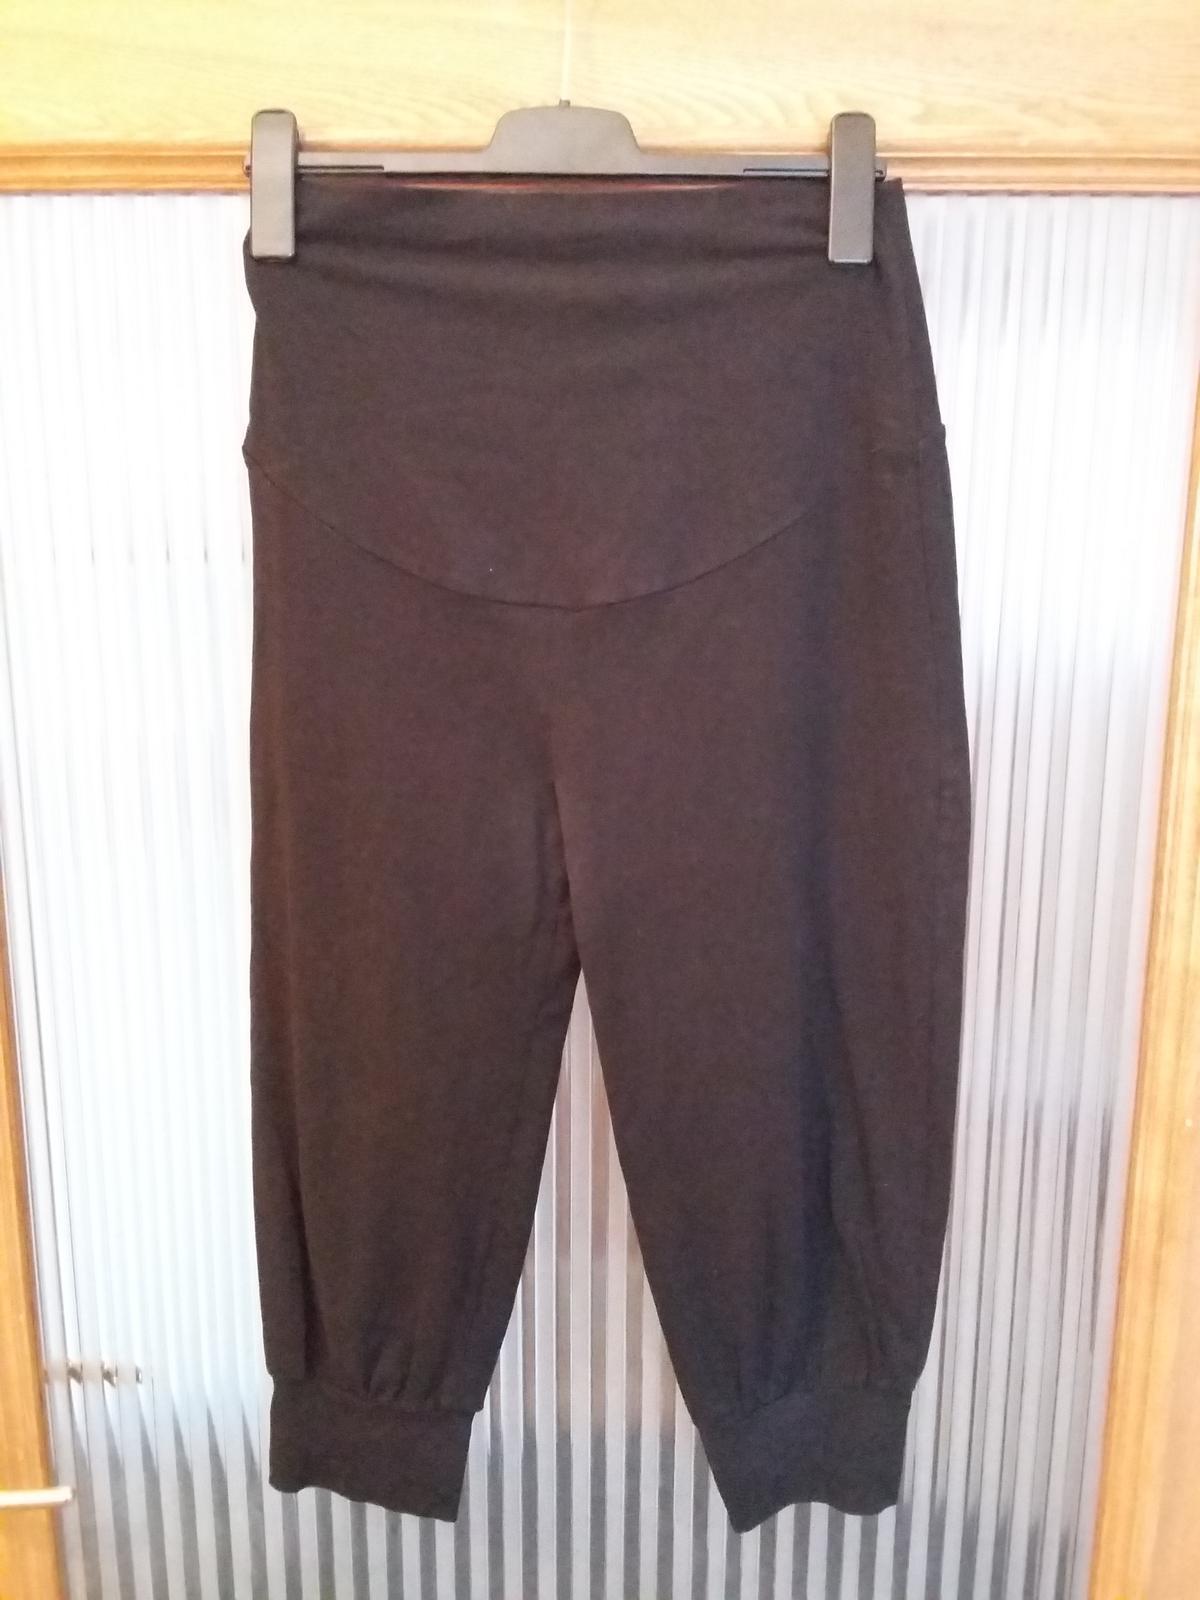 Těhotenské kalhoty vel. M - Obrázek č. 1